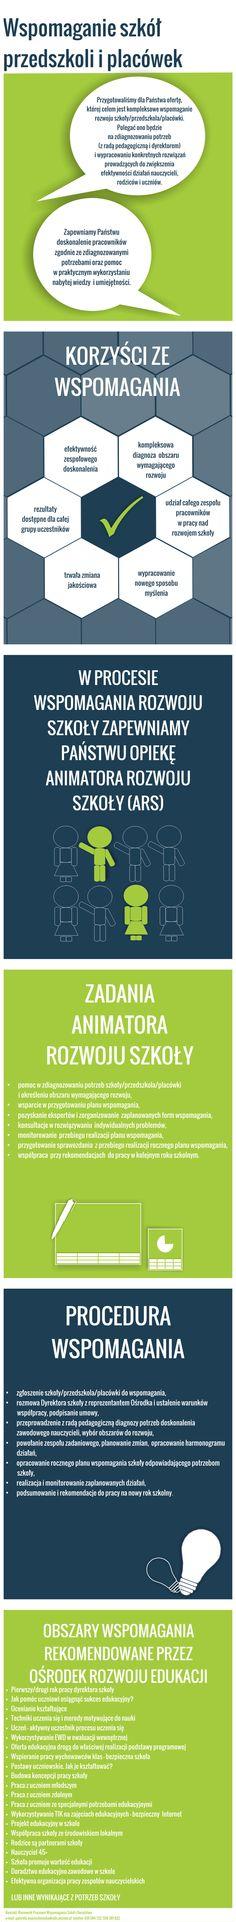 Zapraszamy do współpracy w ramach wspomagania szkół, przedszkoli i placówek realizowanego przed ODN w Poznaniu  https://odn.poznan.pl/produkt,pl,wspomaganie-szkol-w-rozwoju,947464.html